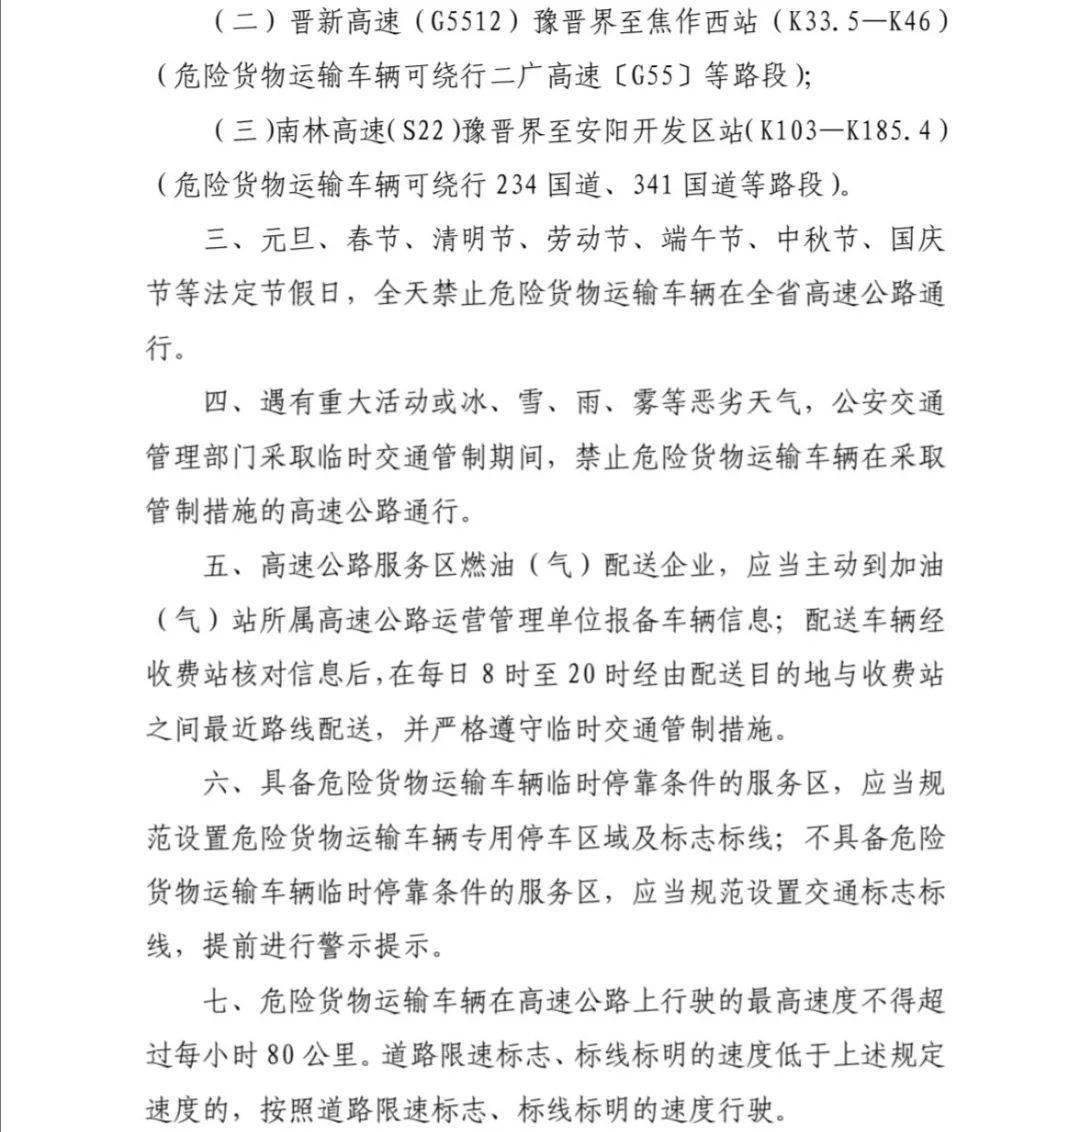 沐鸣3平台-首页【1.1.2】